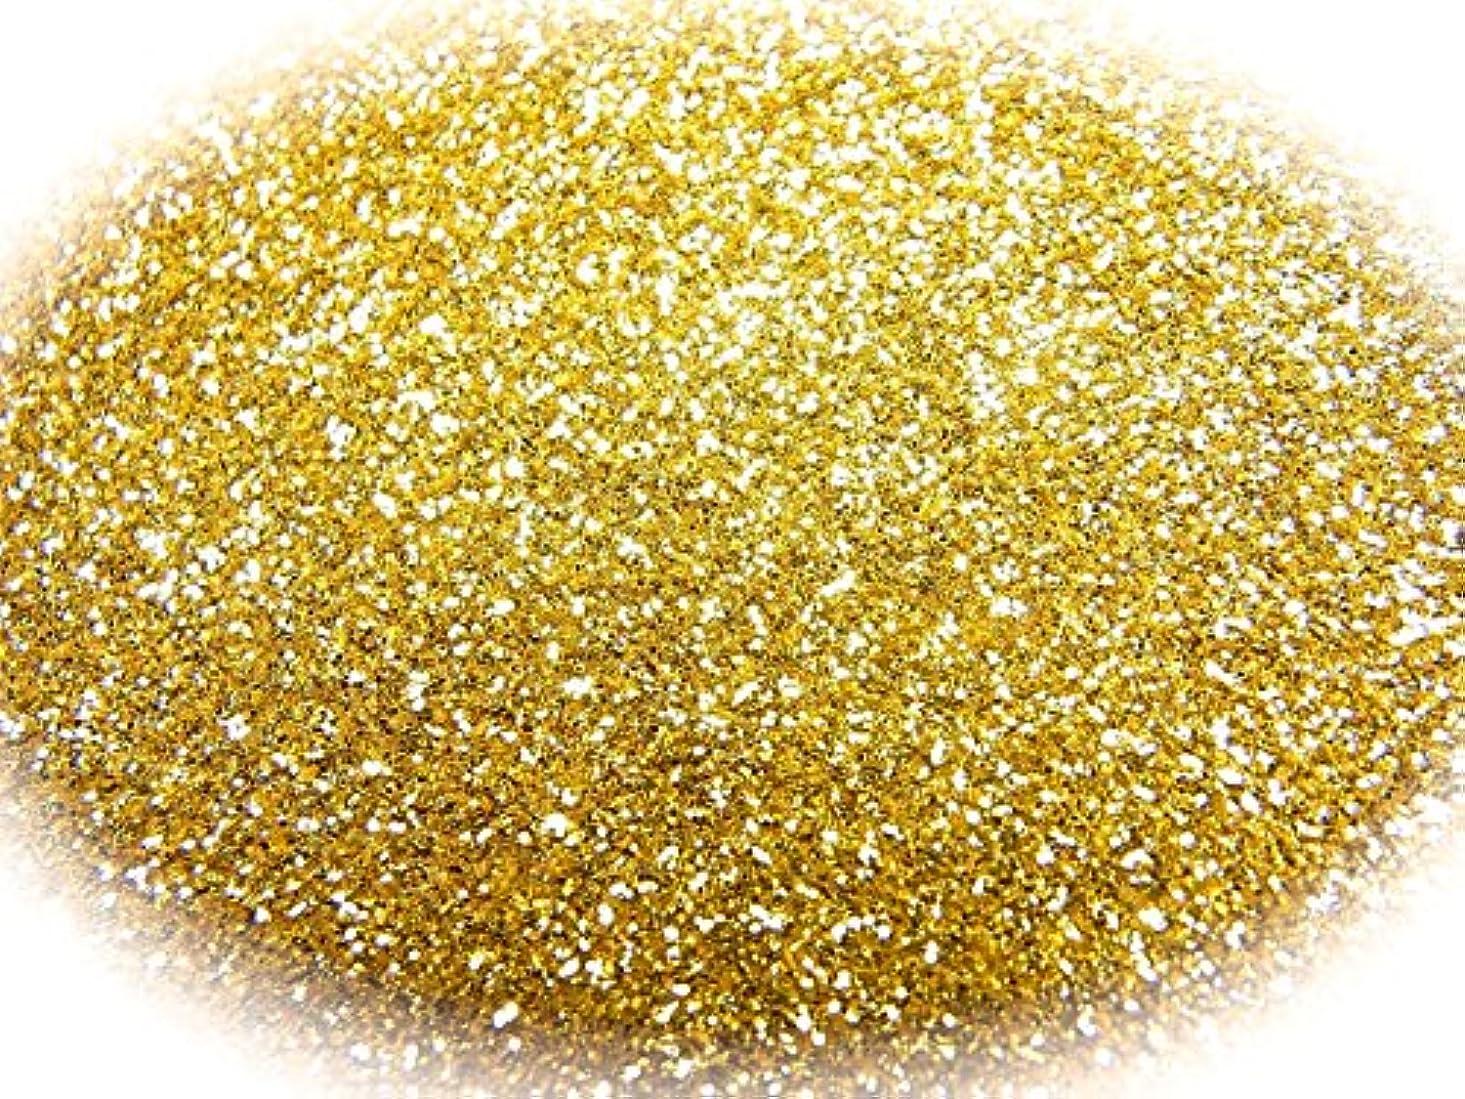 六熱動力学グリッターラメパウダー 選べる12色 0.5g 瓶入り (ゴールド)